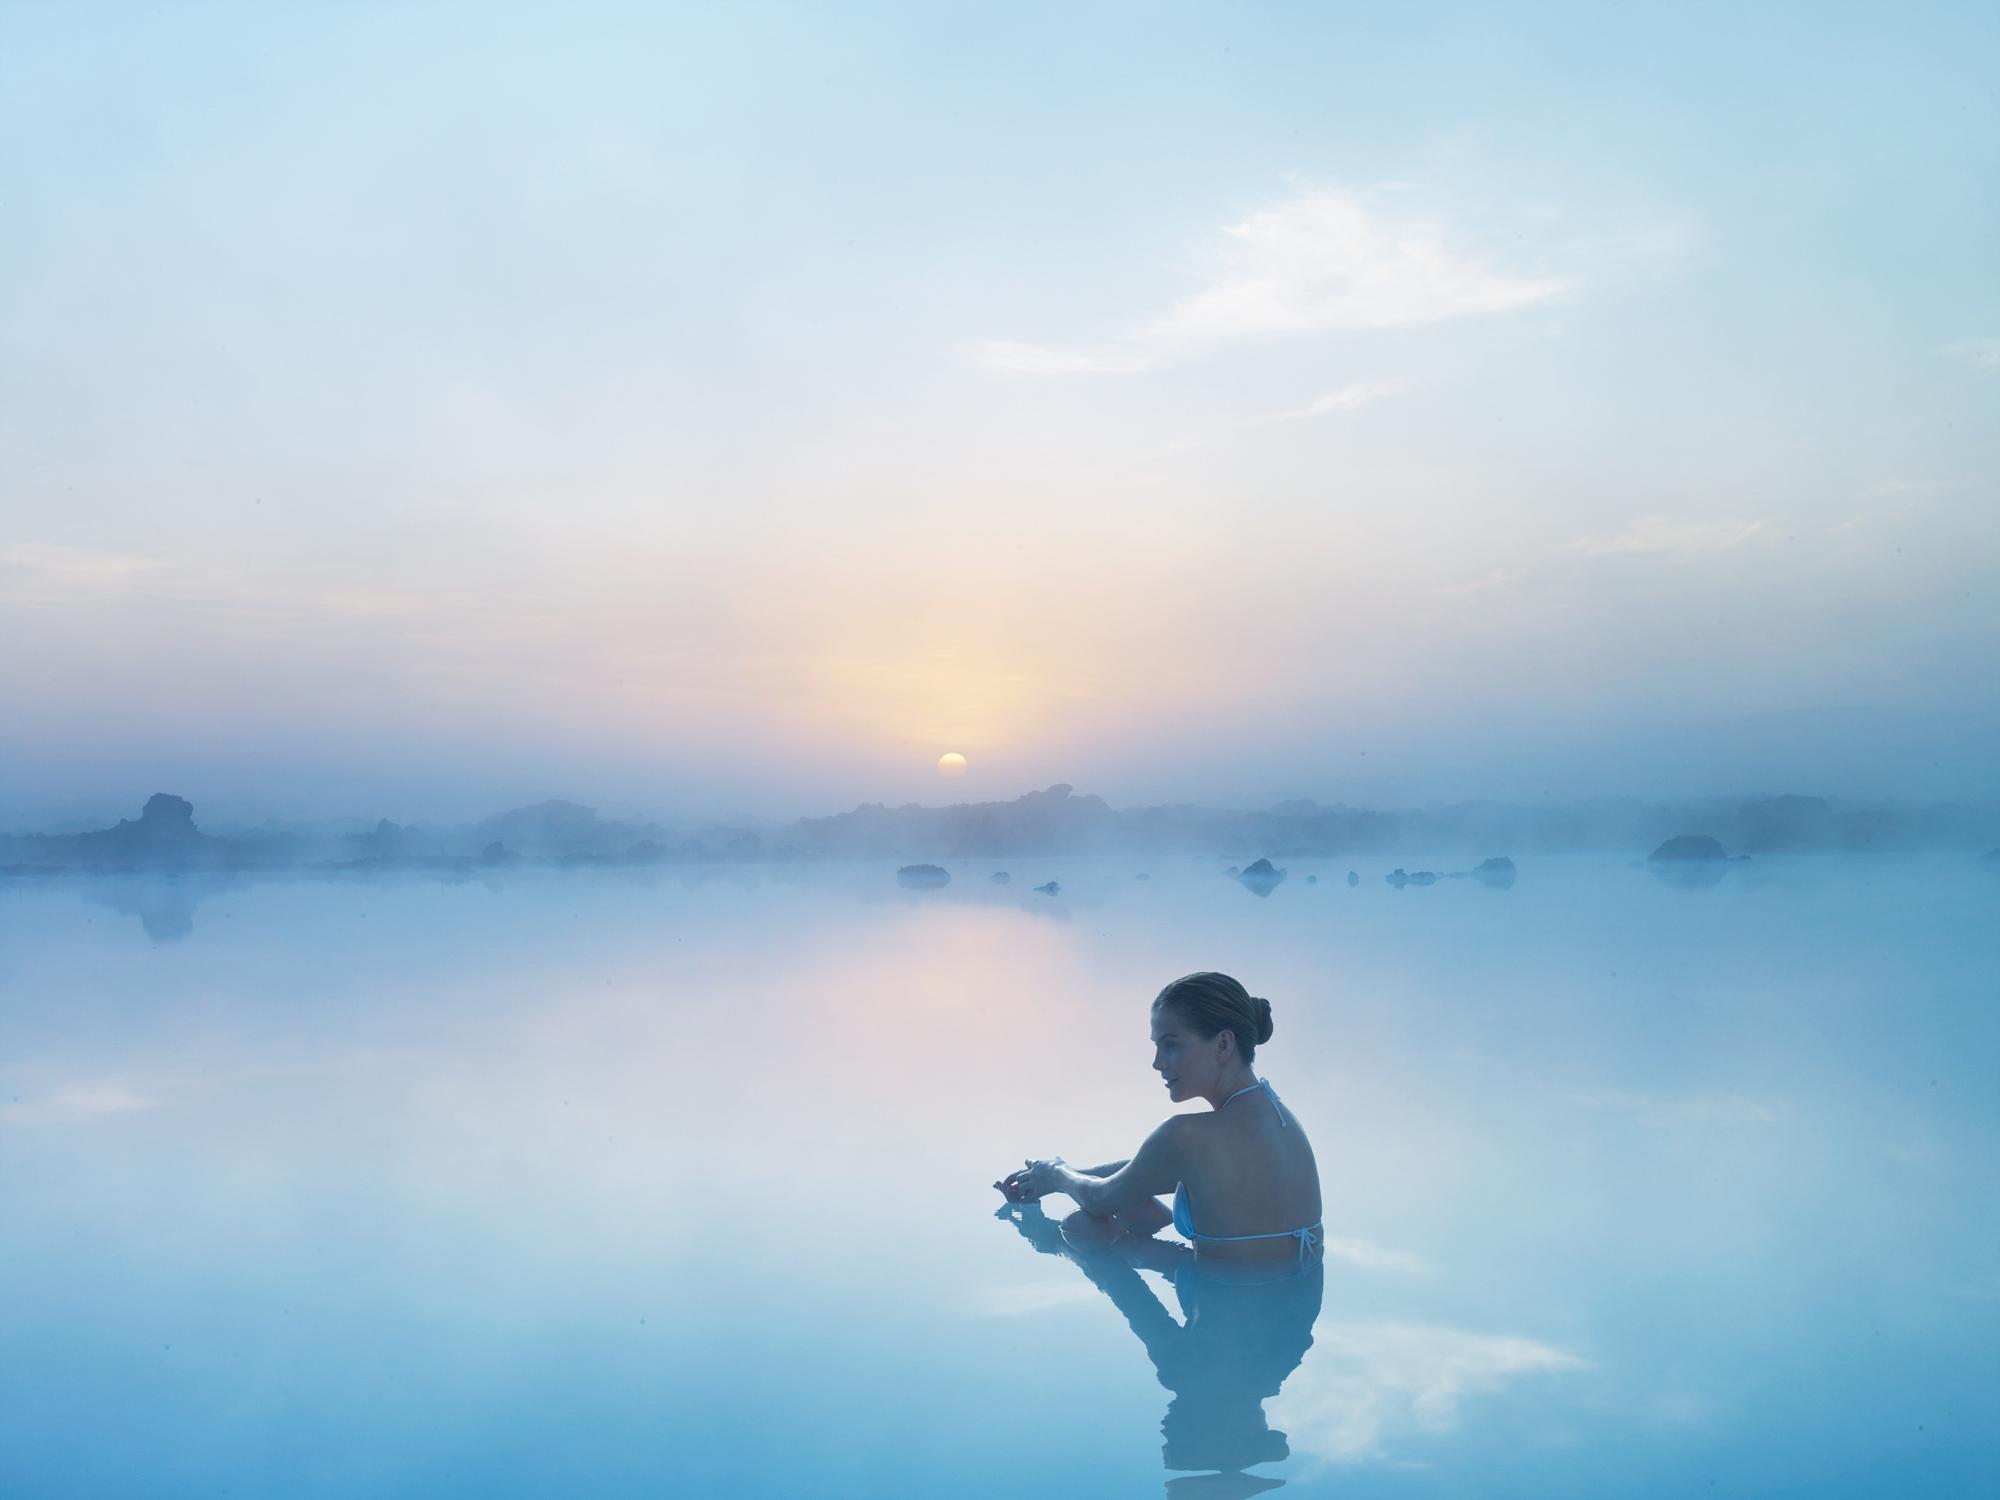 La península de Reykjanes ofrece una serie de actividades de verano en las que los visitantes pueden participar, aunque para el último día después de una semana de aventuras, muchos prefieren simplemente tomar el sol en las aguas ricas en minerales de la Laguna Azul.